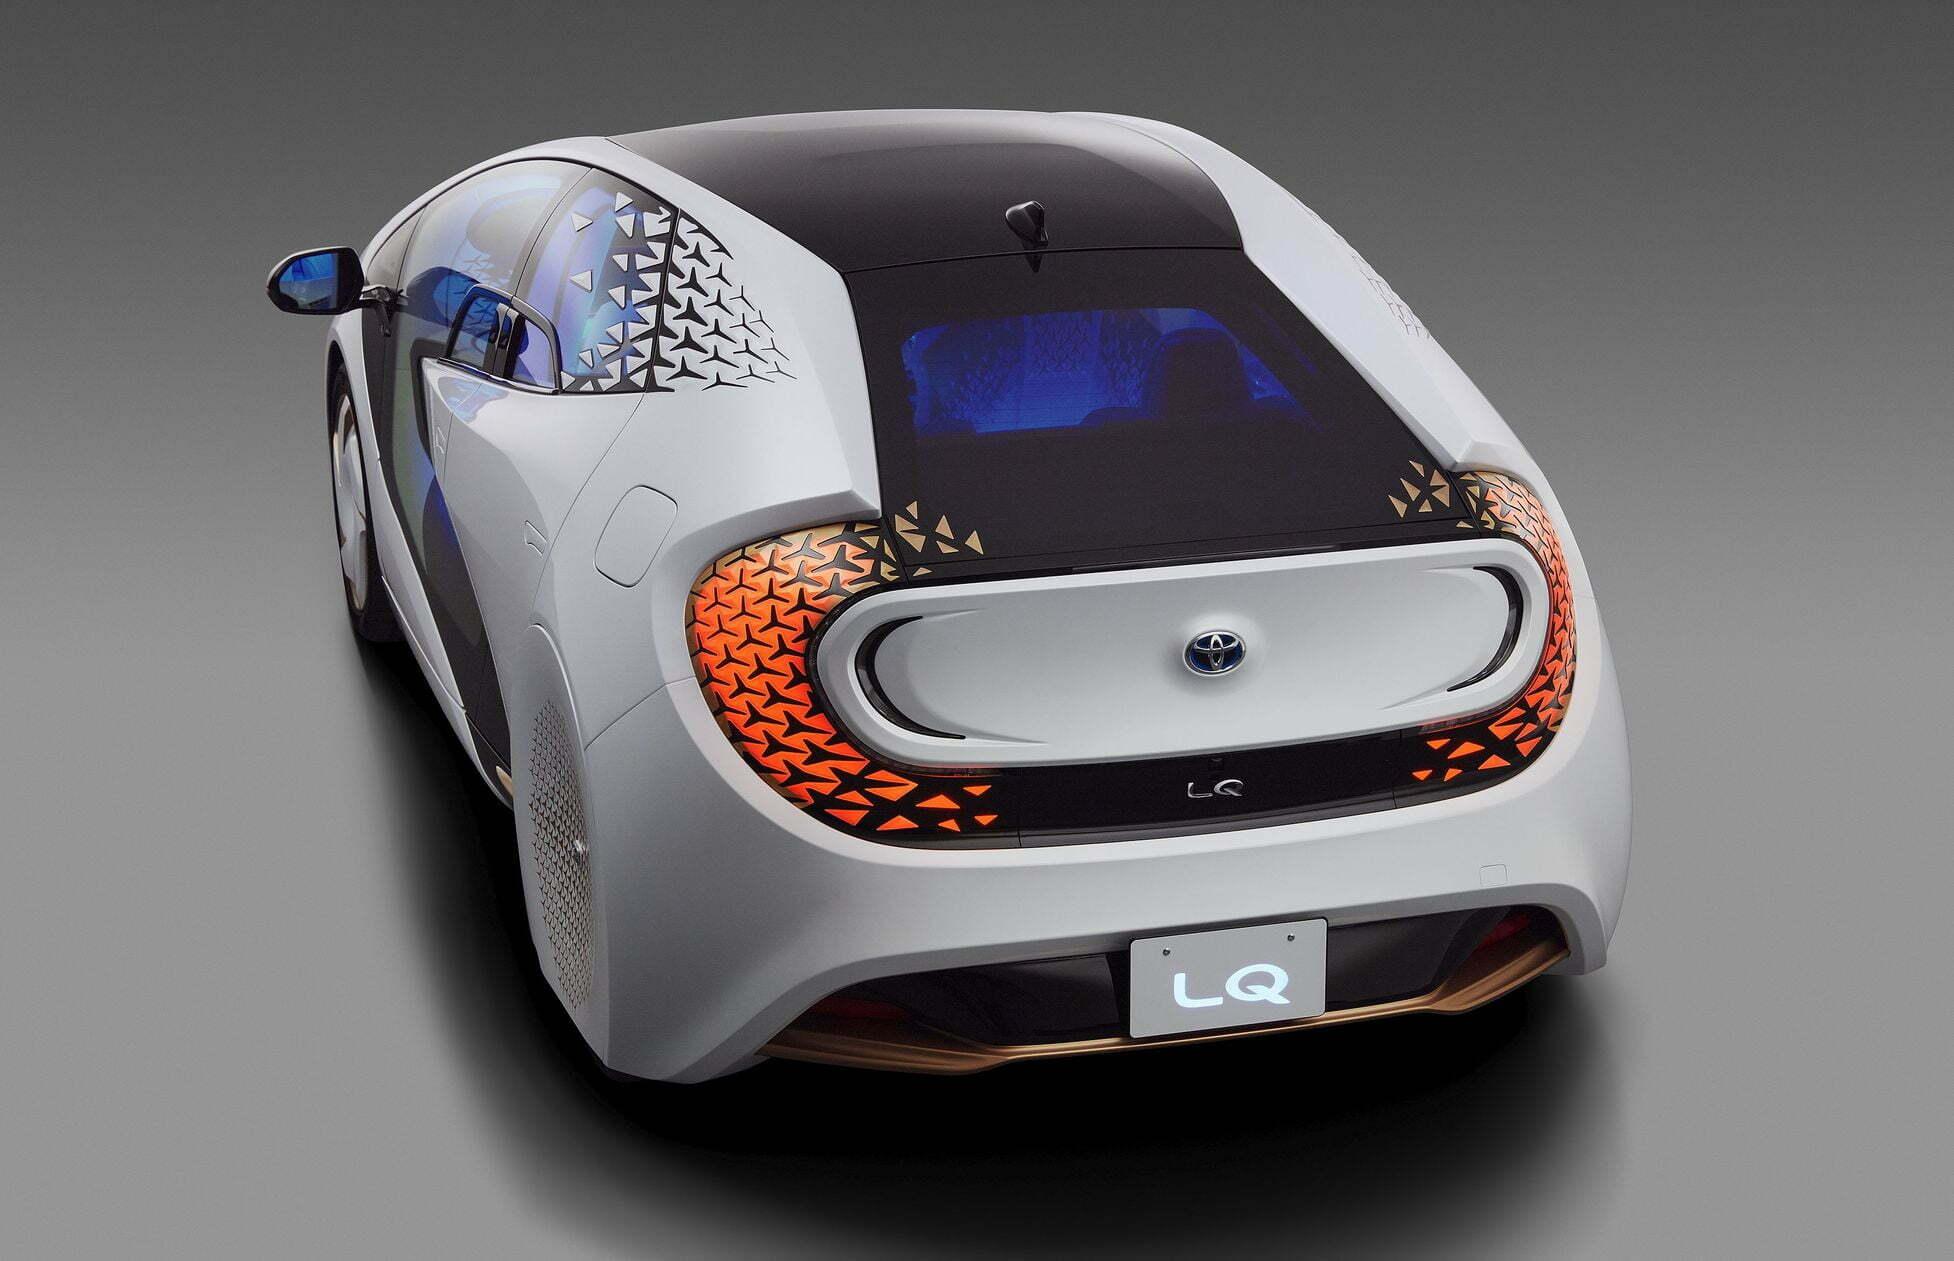 elektromobil-toyota-lq-s-iskusstvennym-intellektom-2